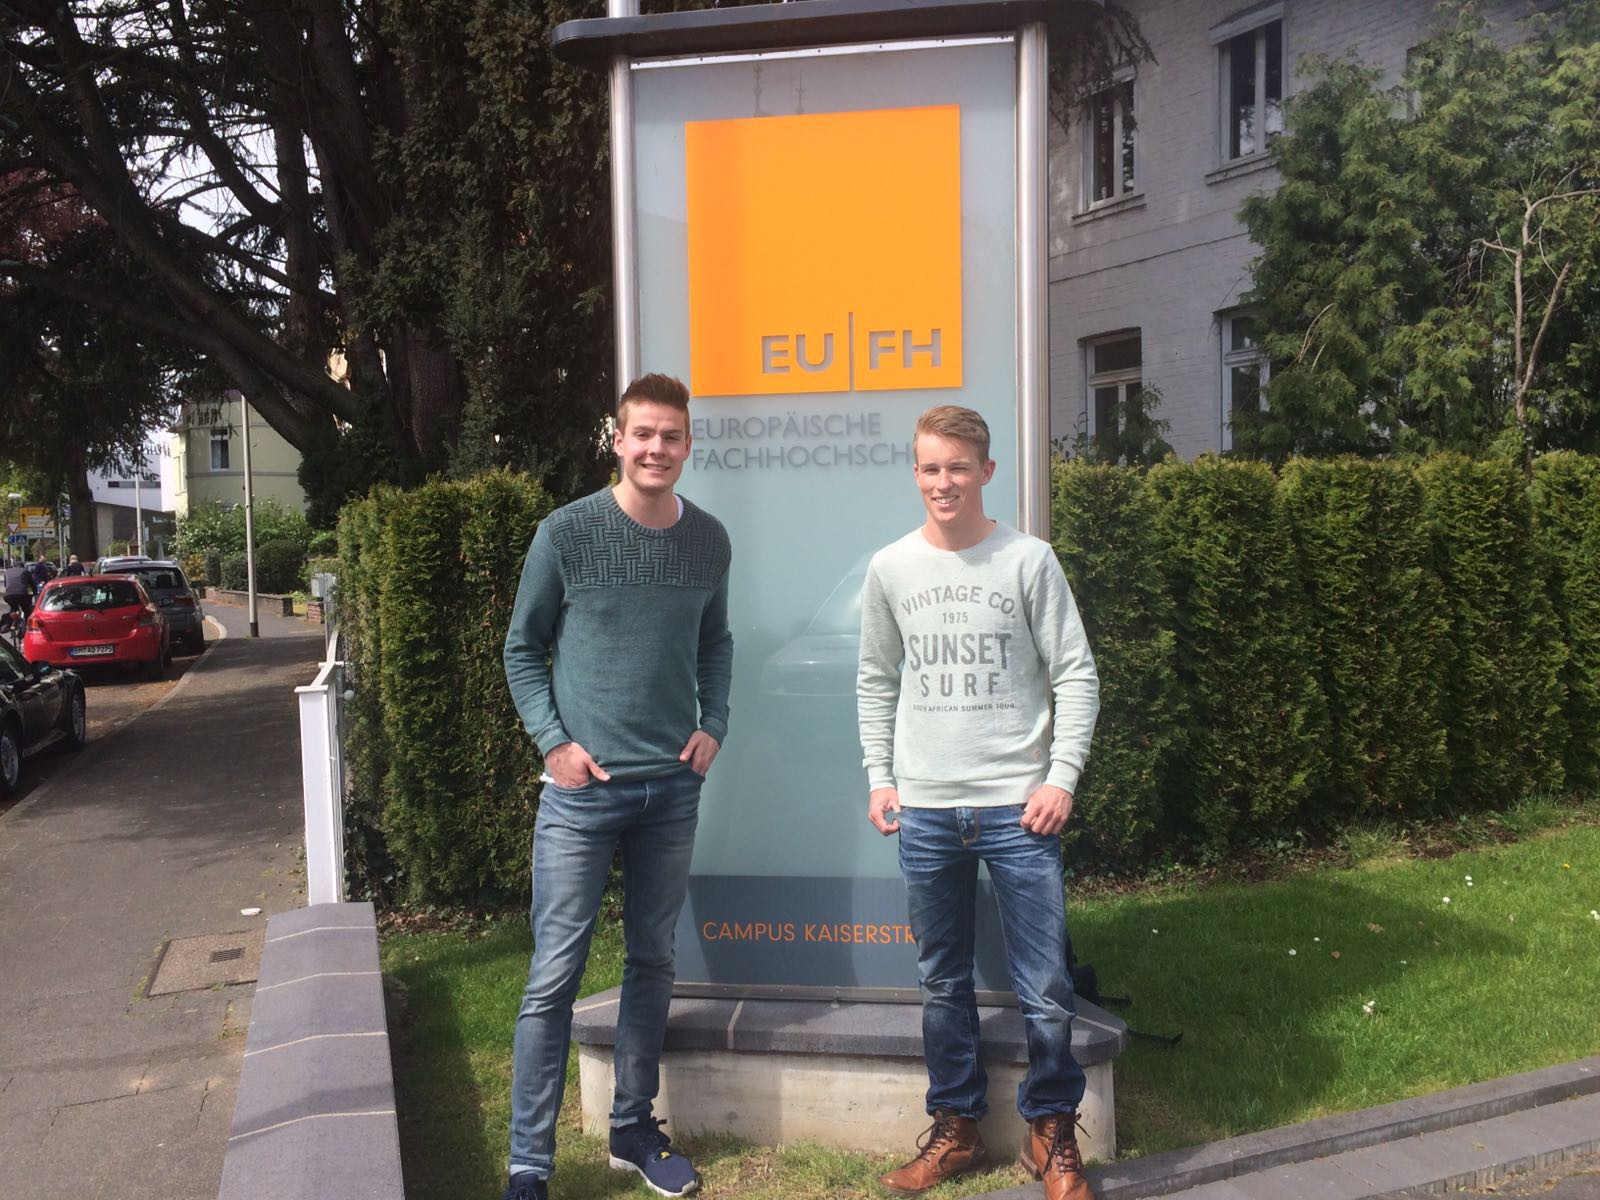 Arno Vervloed en Nick Verbraeken bij de Europäische Fachhochschule in Brühl.